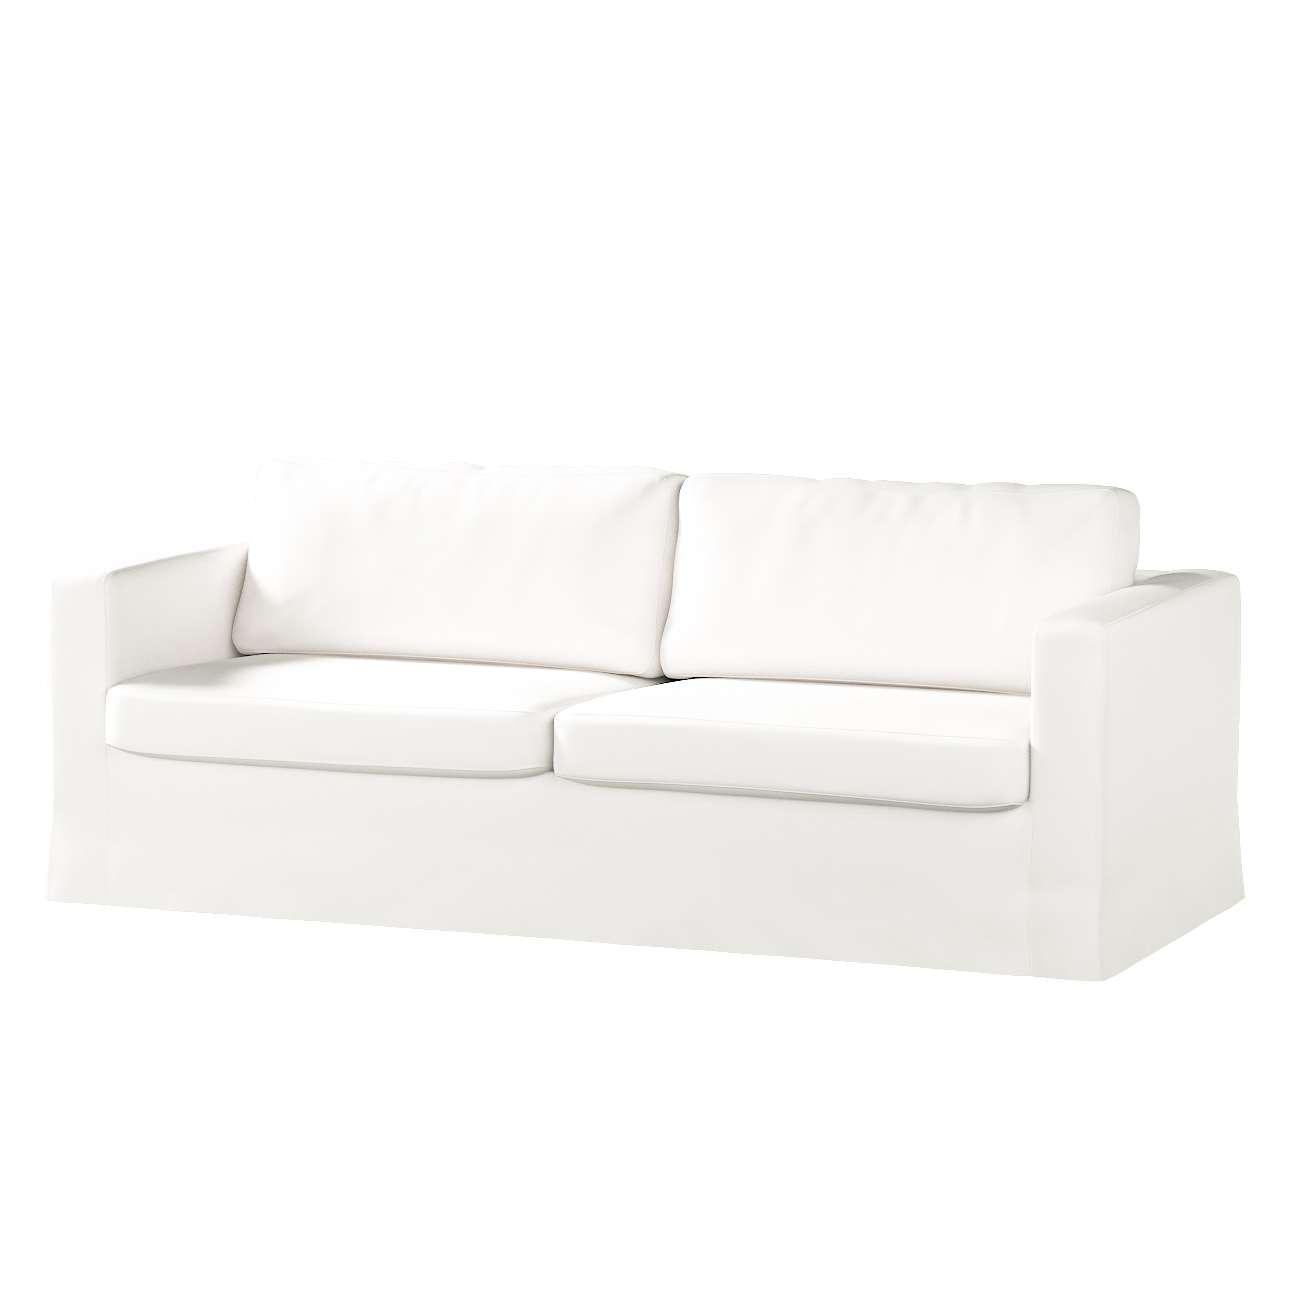 Karlstad trivietės sofos užvalkalas (ilgas, iki žemės) Karlstad trivietės sofos užvalkalas (ilgas, iki žemės) kolekcijoje Cotton Panama, audinys: 702-34